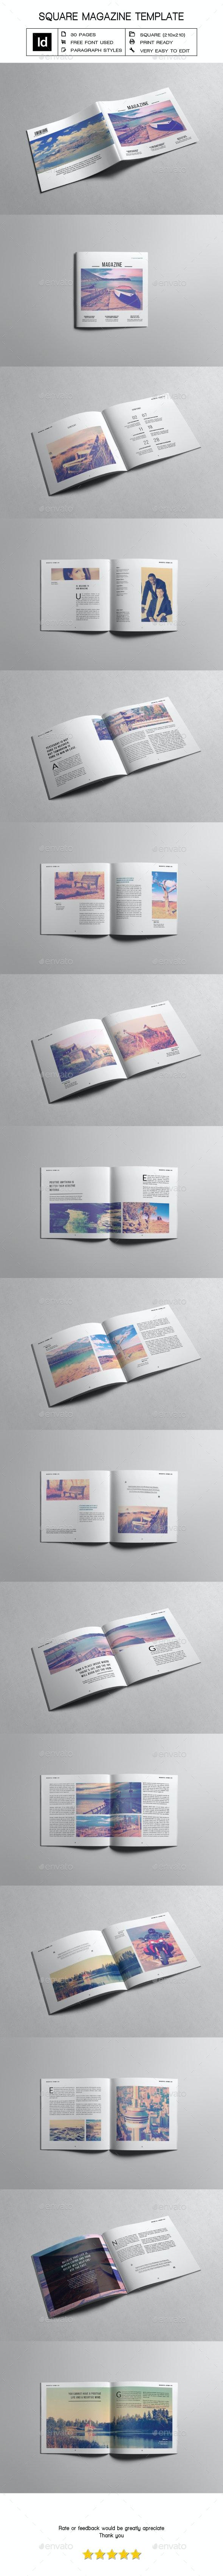 Multipurpose Square Magazine Template II - Magazines Print Templates